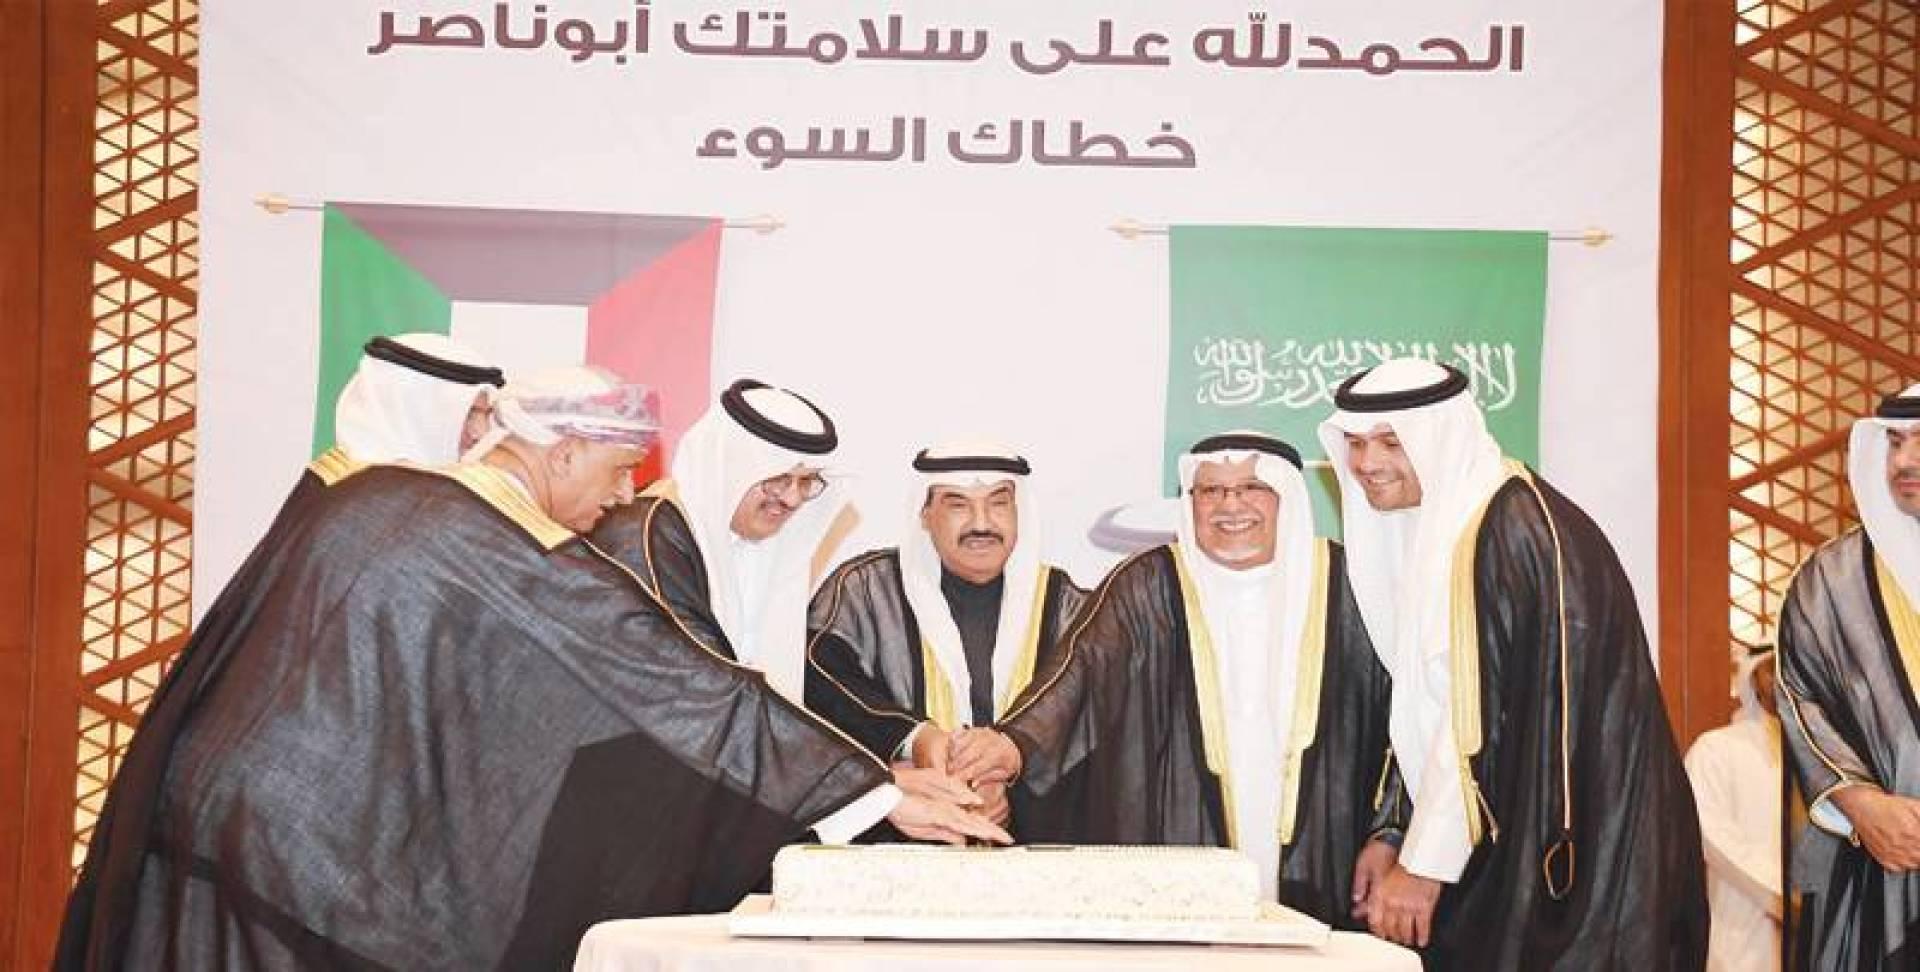 ناصر المحمد والجراح والصالح يشاركون السفير السعودي قطع كيكة الحفل